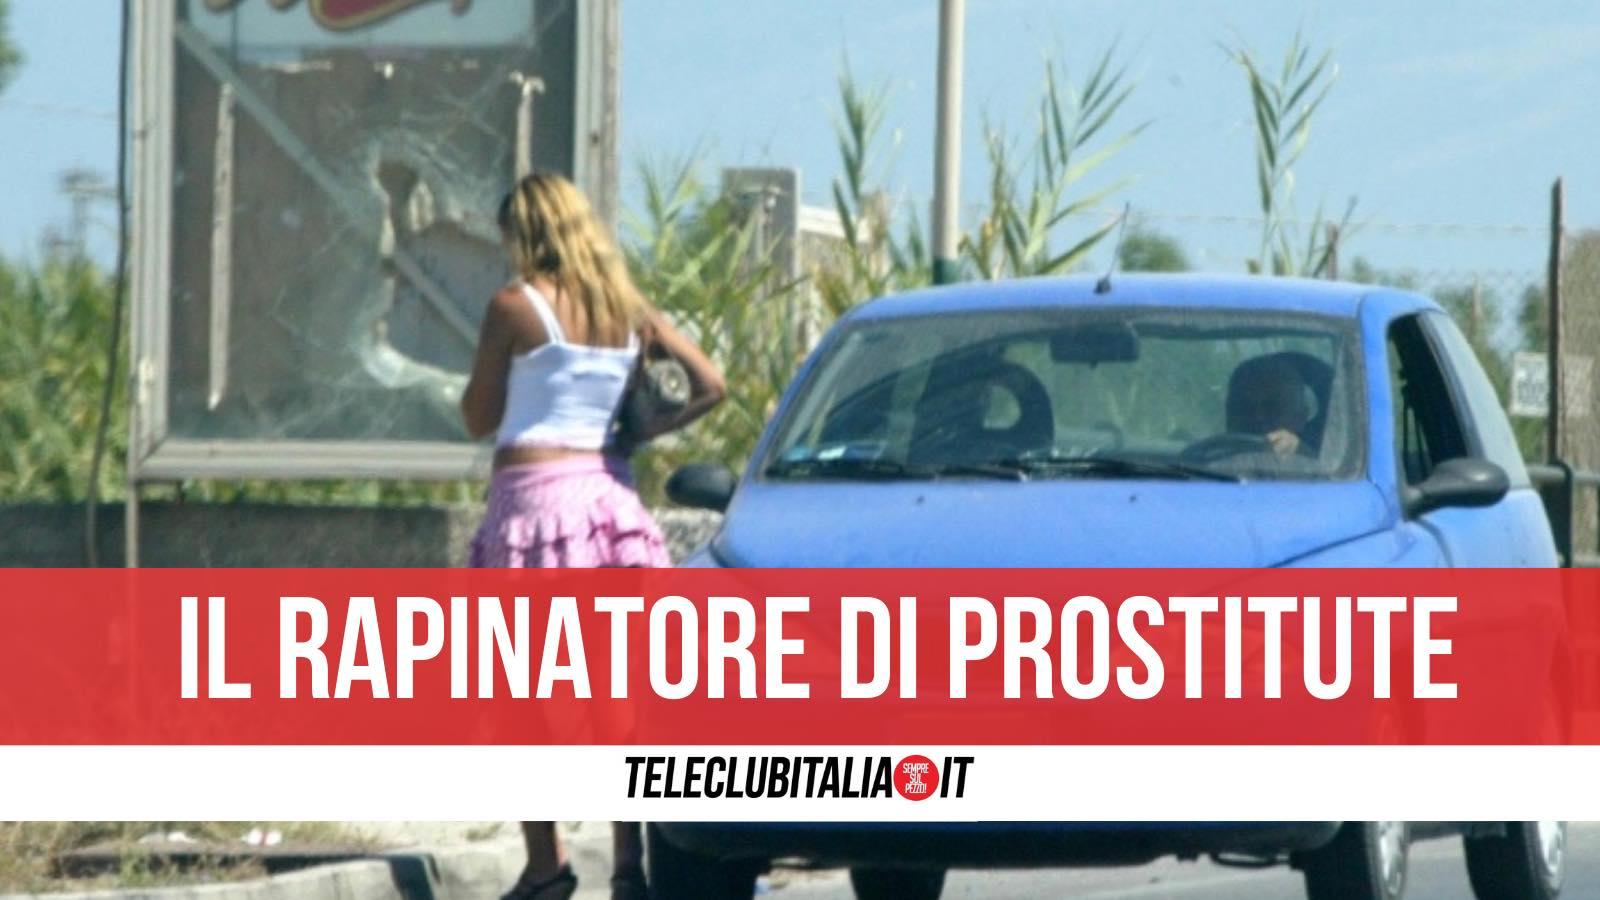 arrestato rapinatore seriale prostitute giugliano